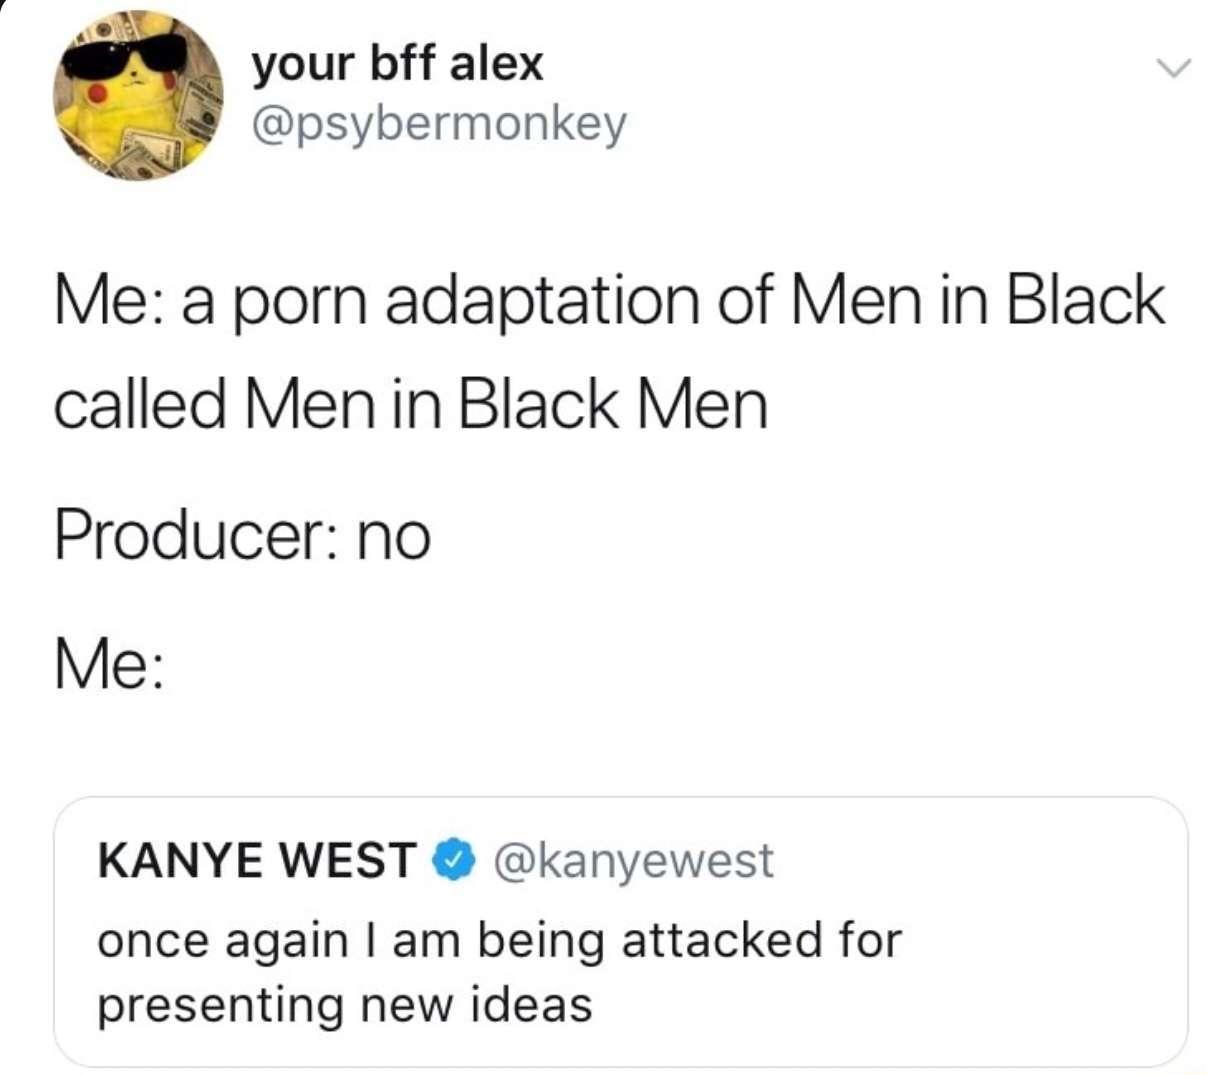 Men in Black porn version - meme